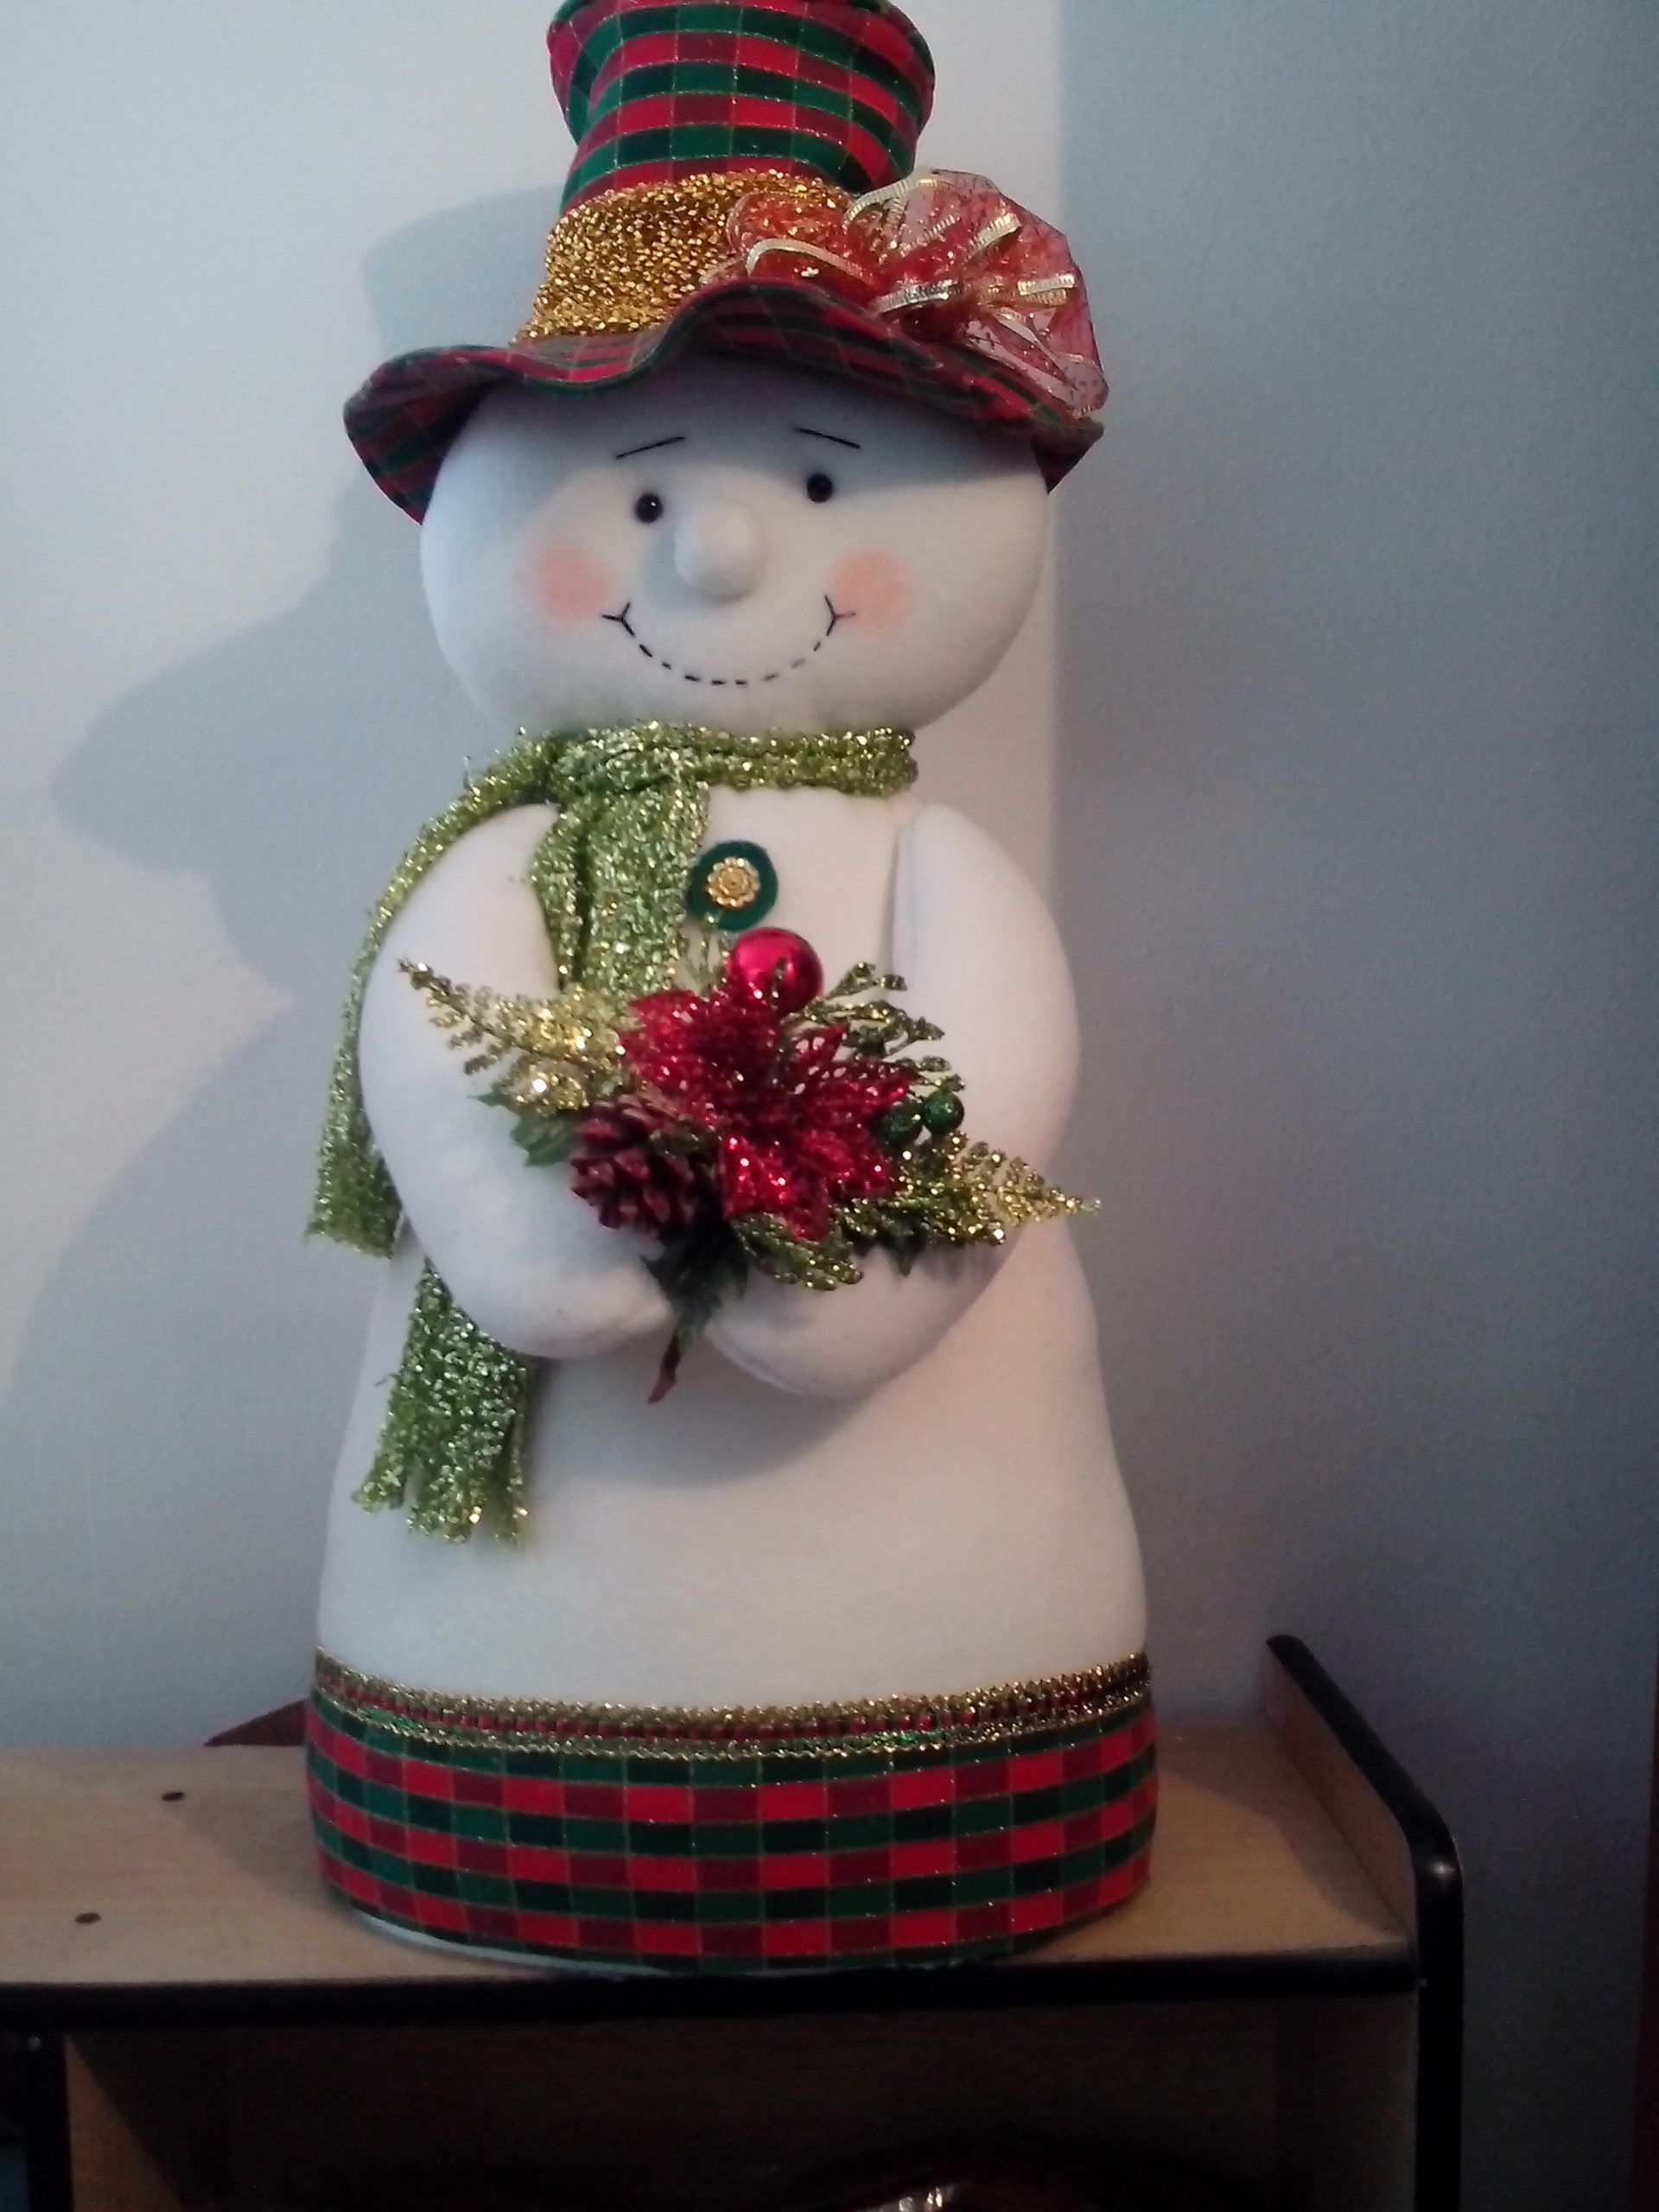 Mu eco de nieve centro de mesa decora para navidad d - Munecos de navidad ...